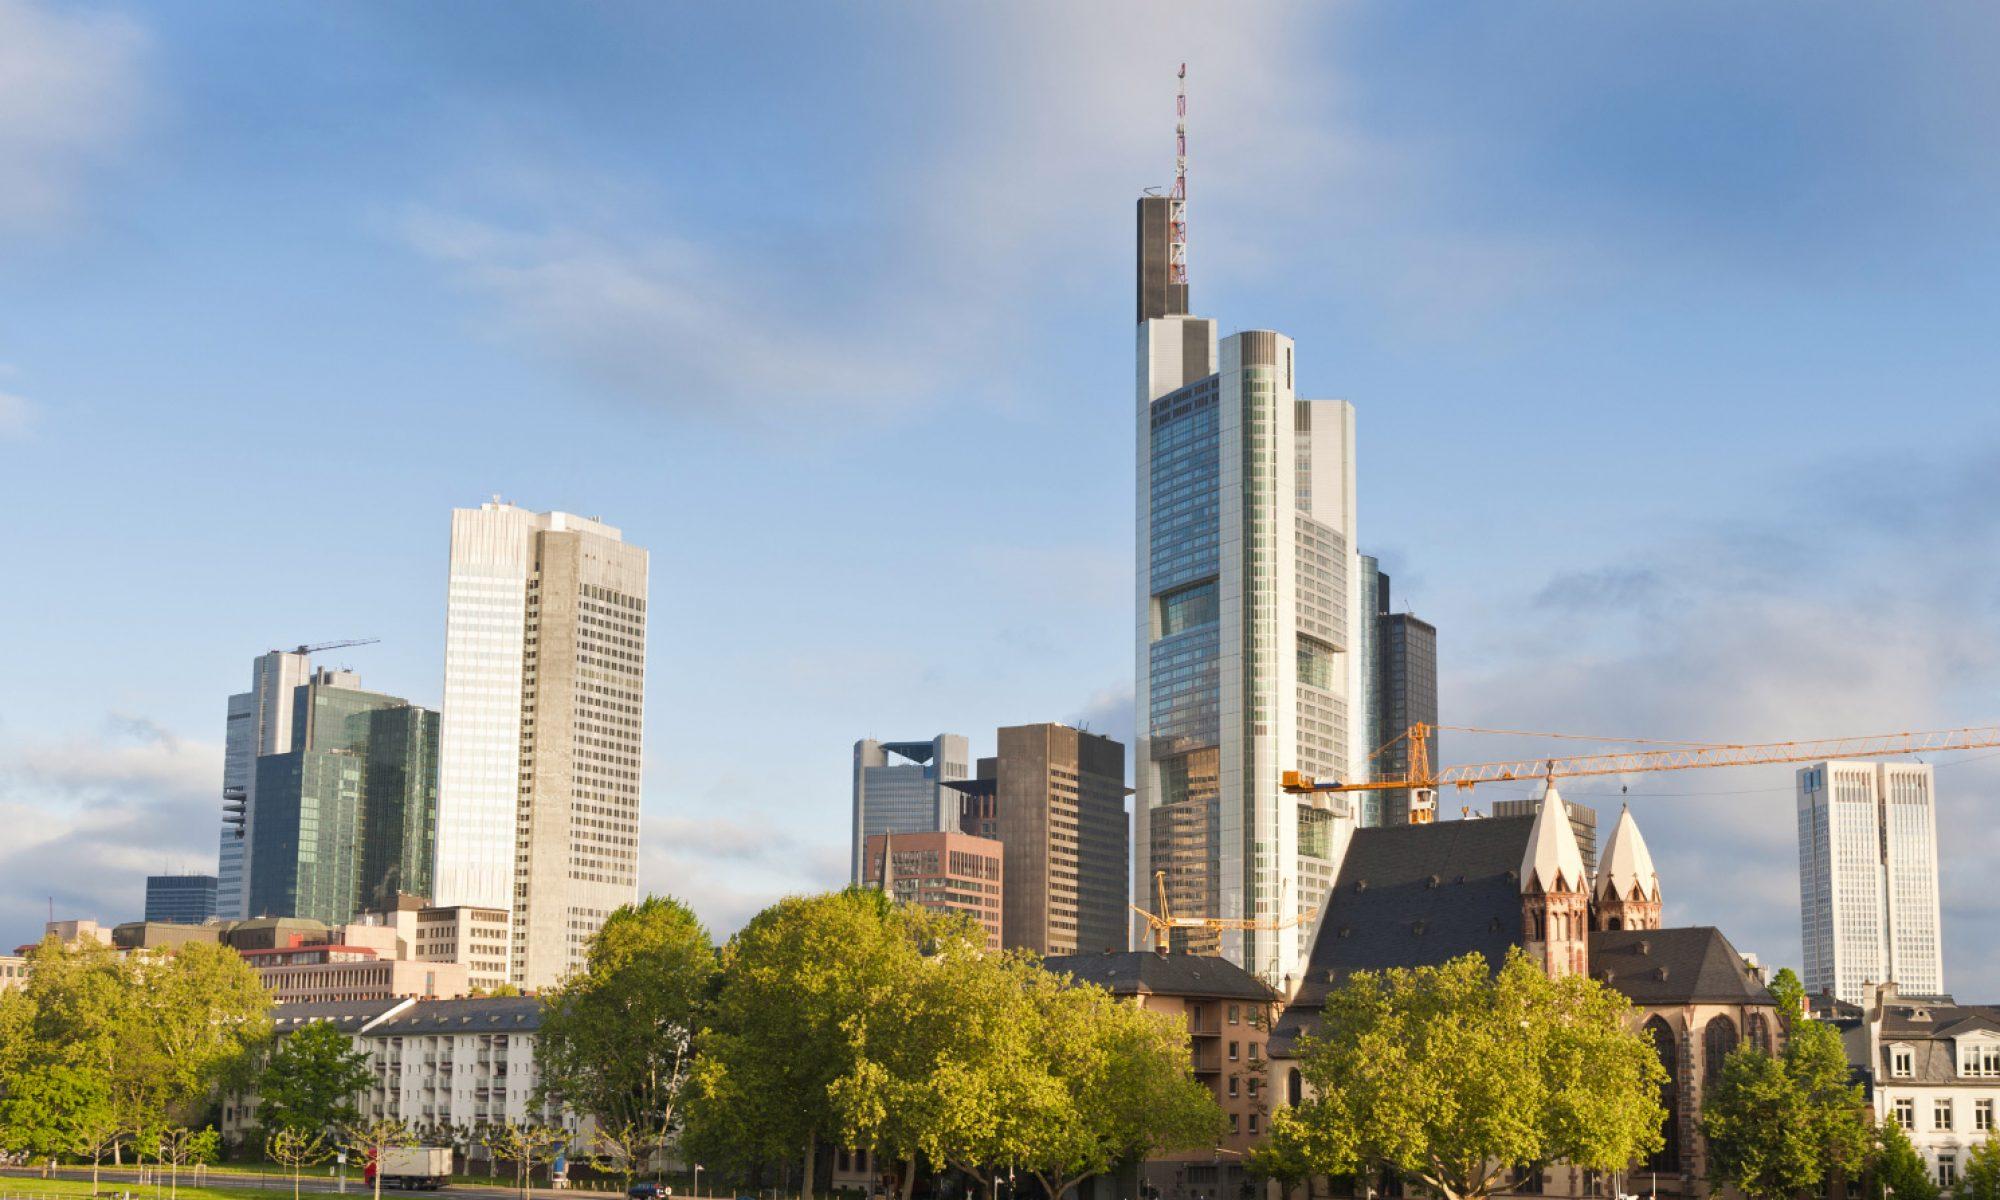 Franger Investment GmbH & Co. KGaA